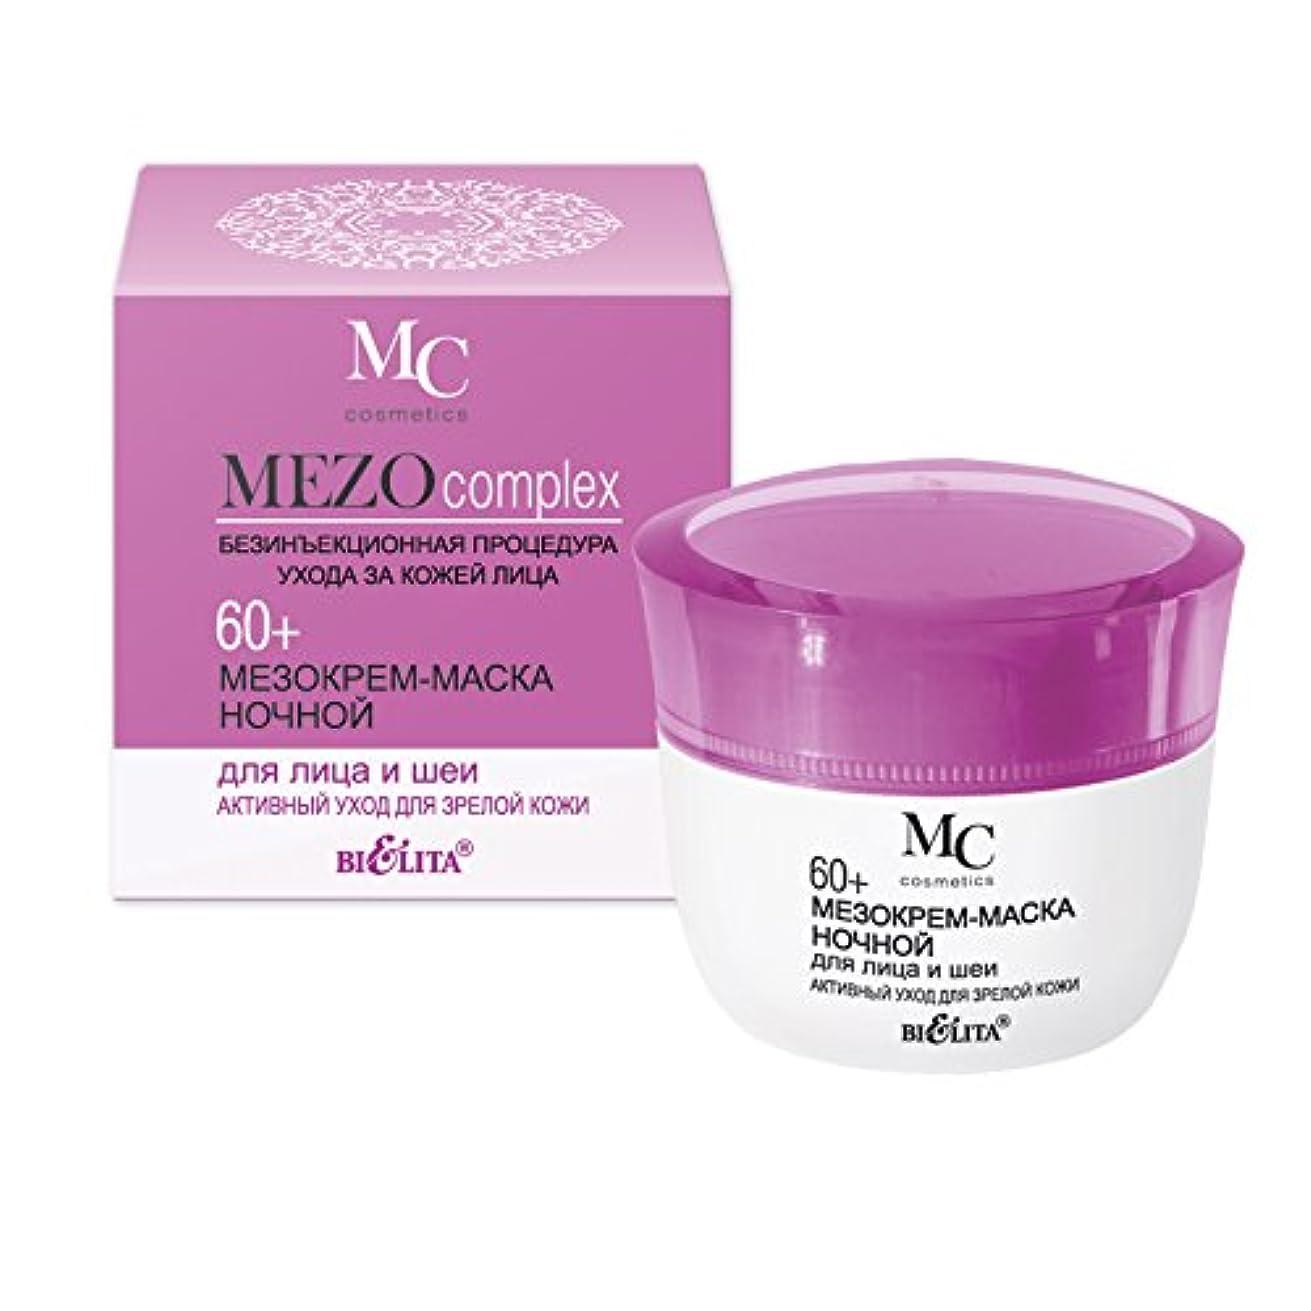 湖テナントシンポジウムNight cream mask (MEZO) for face and neck 60+ care for mature skin   Hyaluronic acid, Vitamin E, Peach seed oil...